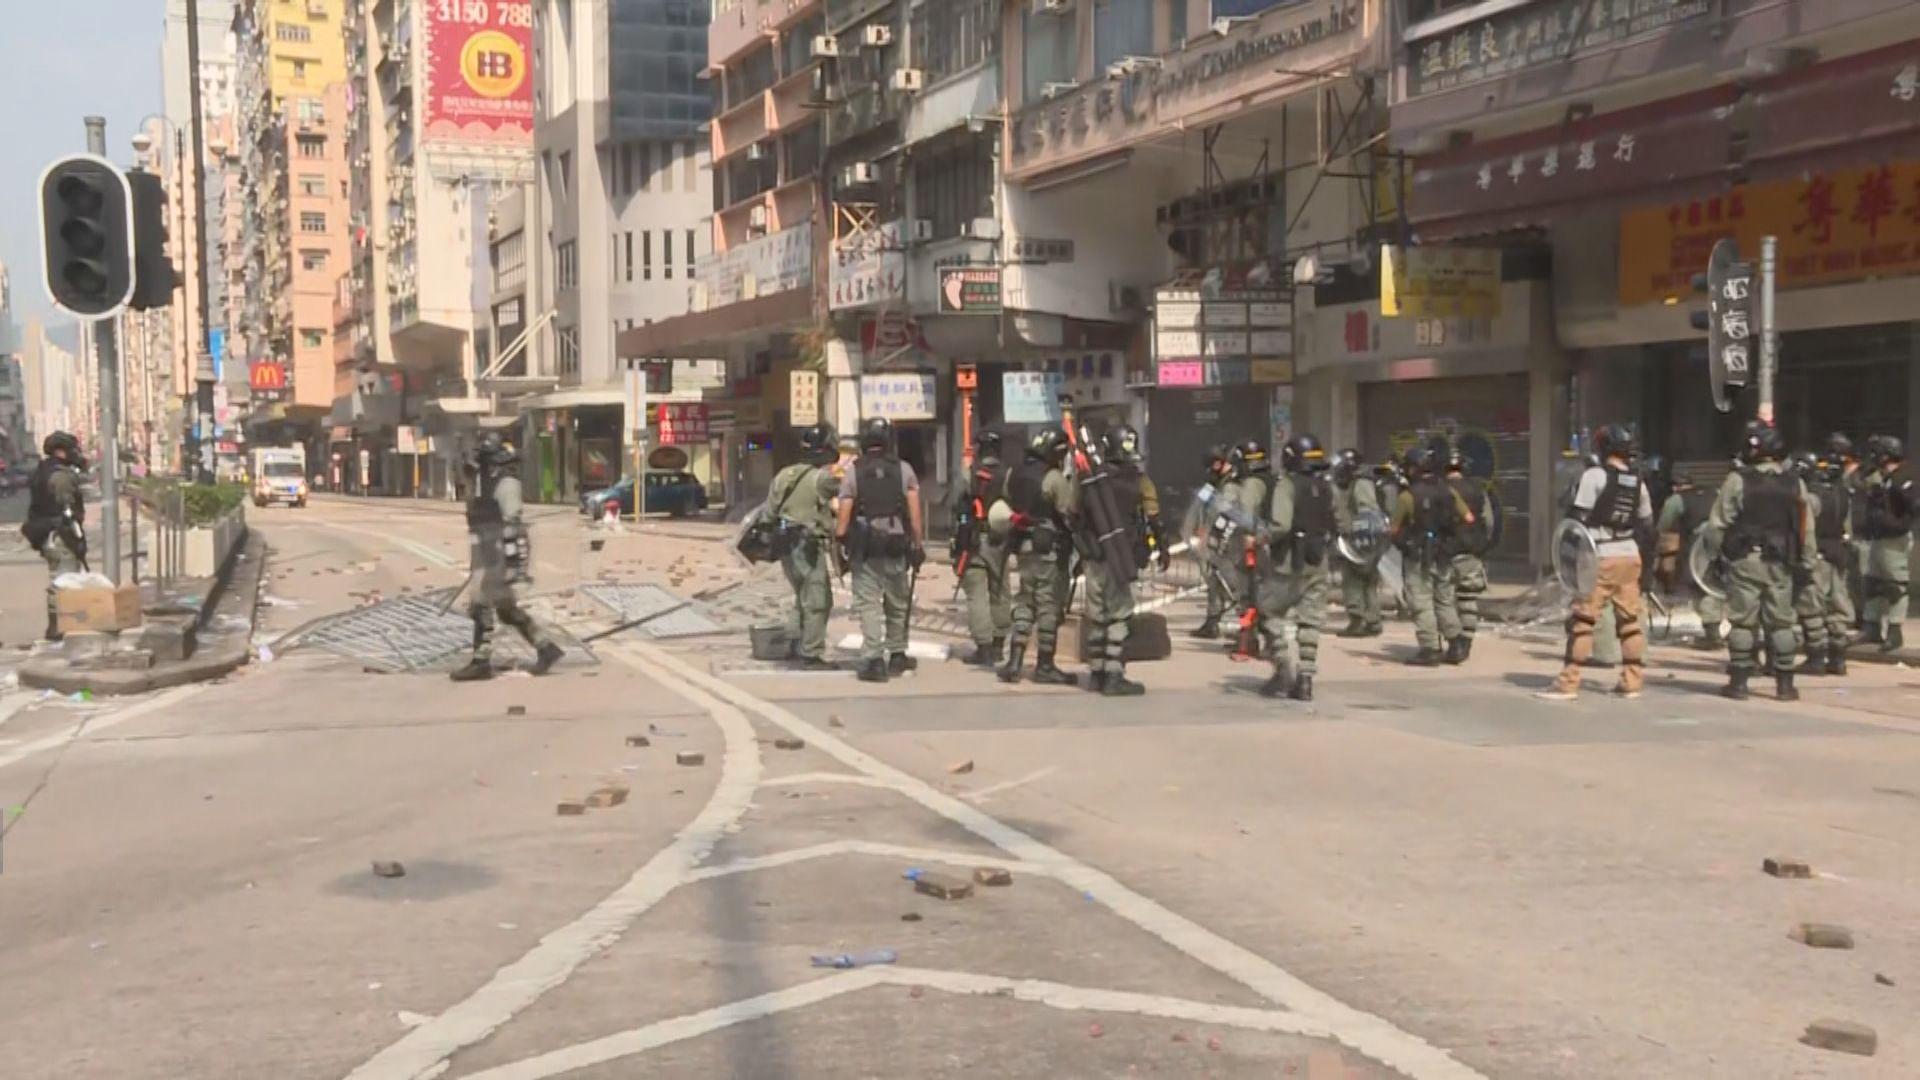 警方驅散佐敦道及加士居道交界聚集的人